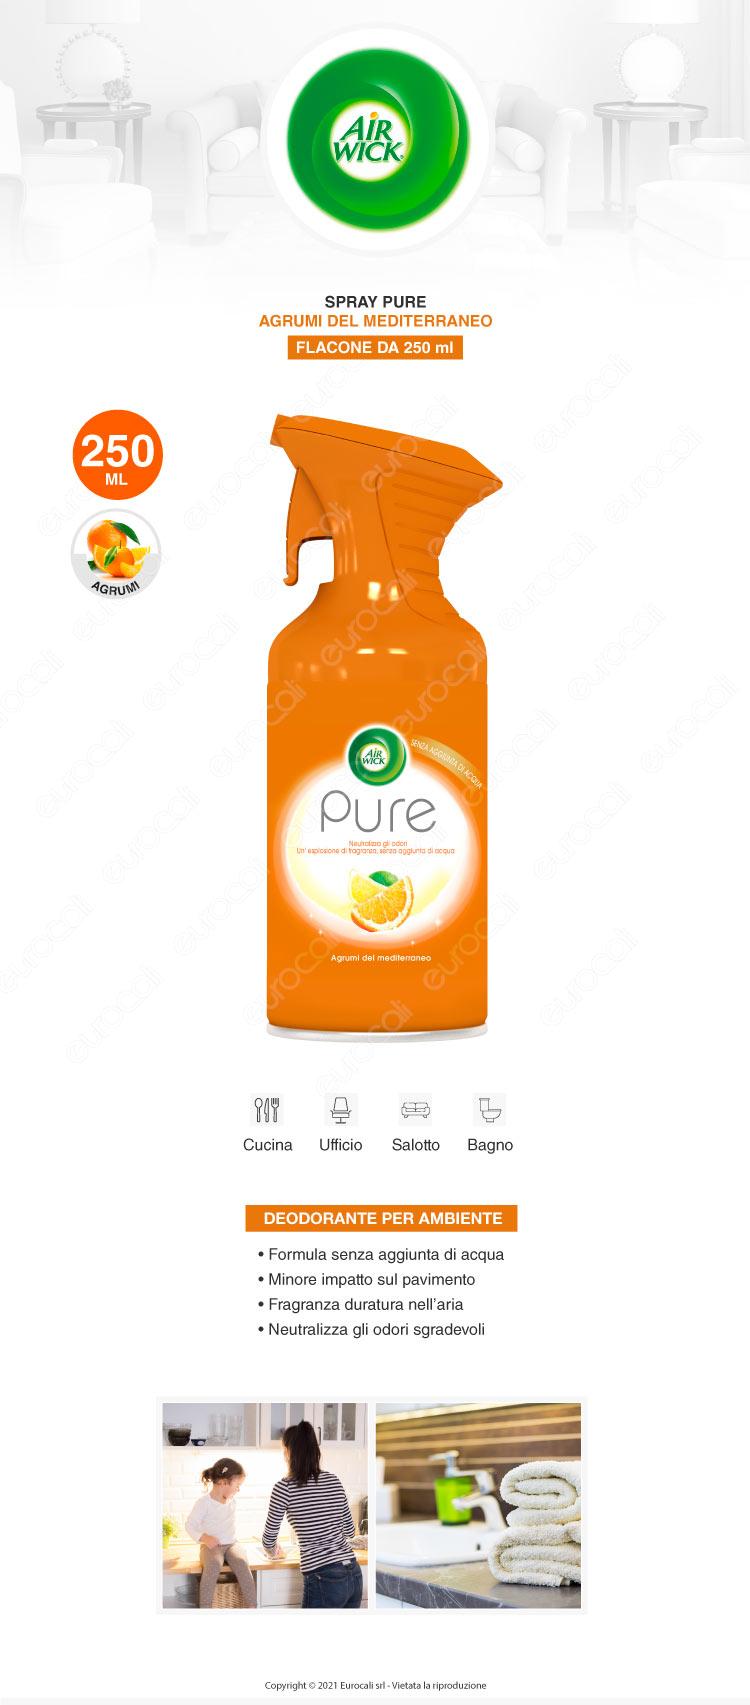 Air Wick Spray Pure Agrumi del Mediterraneo